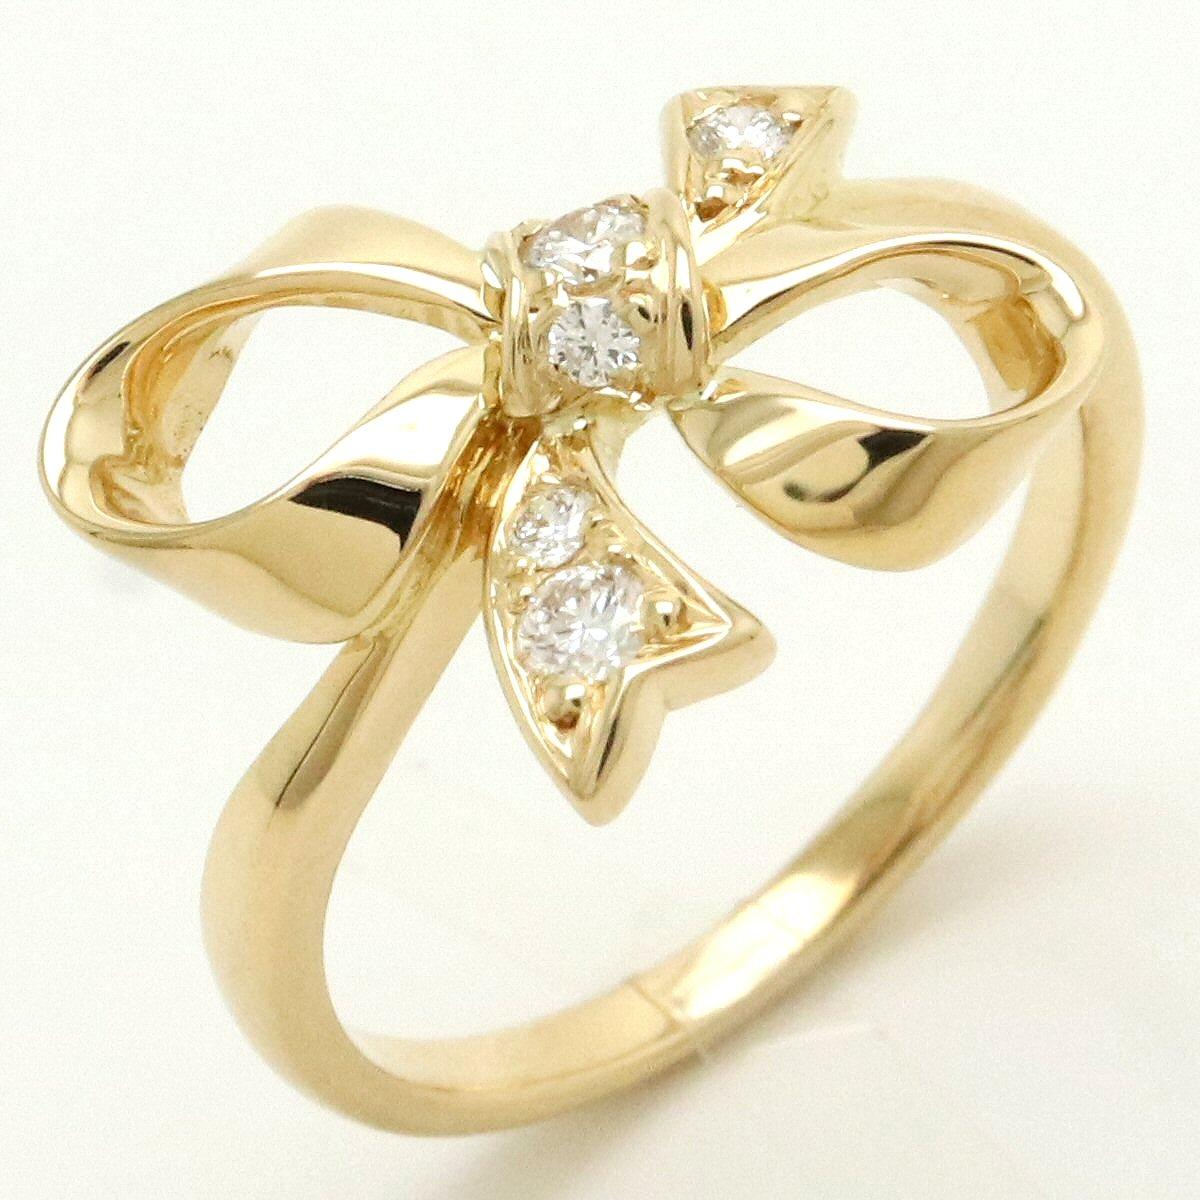 【ジュエリー】【新品仕上げ済み】MIKIMOTO ミキモト ダイヤモンド 0.11ct K18YG イエローゴールド #9 49号 【中古】